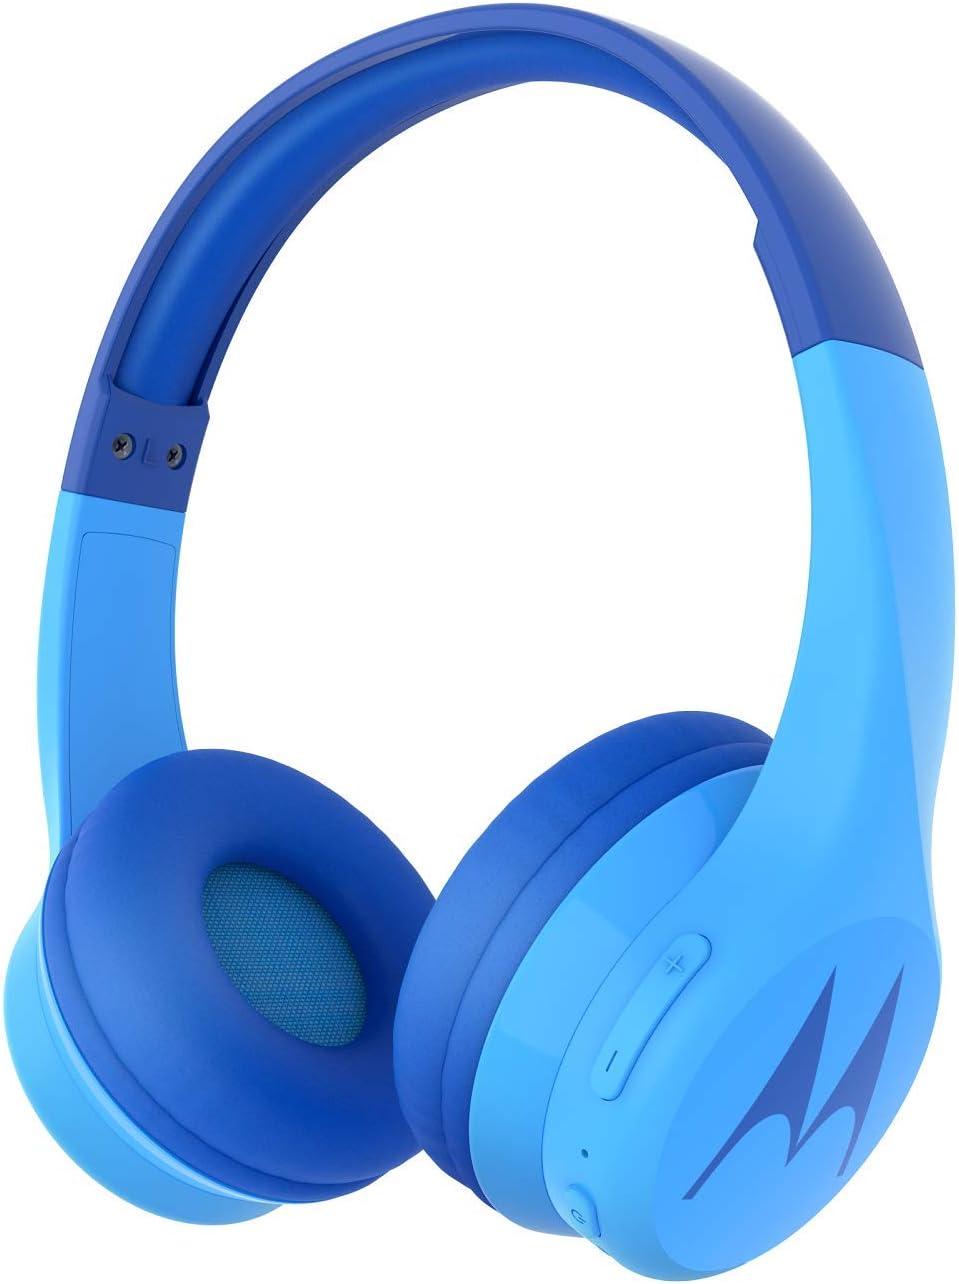 Motorola Squads 300 - Auriculares Bluetooth para Niños - 15hrs - Volumen limitado 85dB, Flexible y duradero, Protección auditiva y función para compartir música, Cojín antialérgico (sin BPA) - Azul